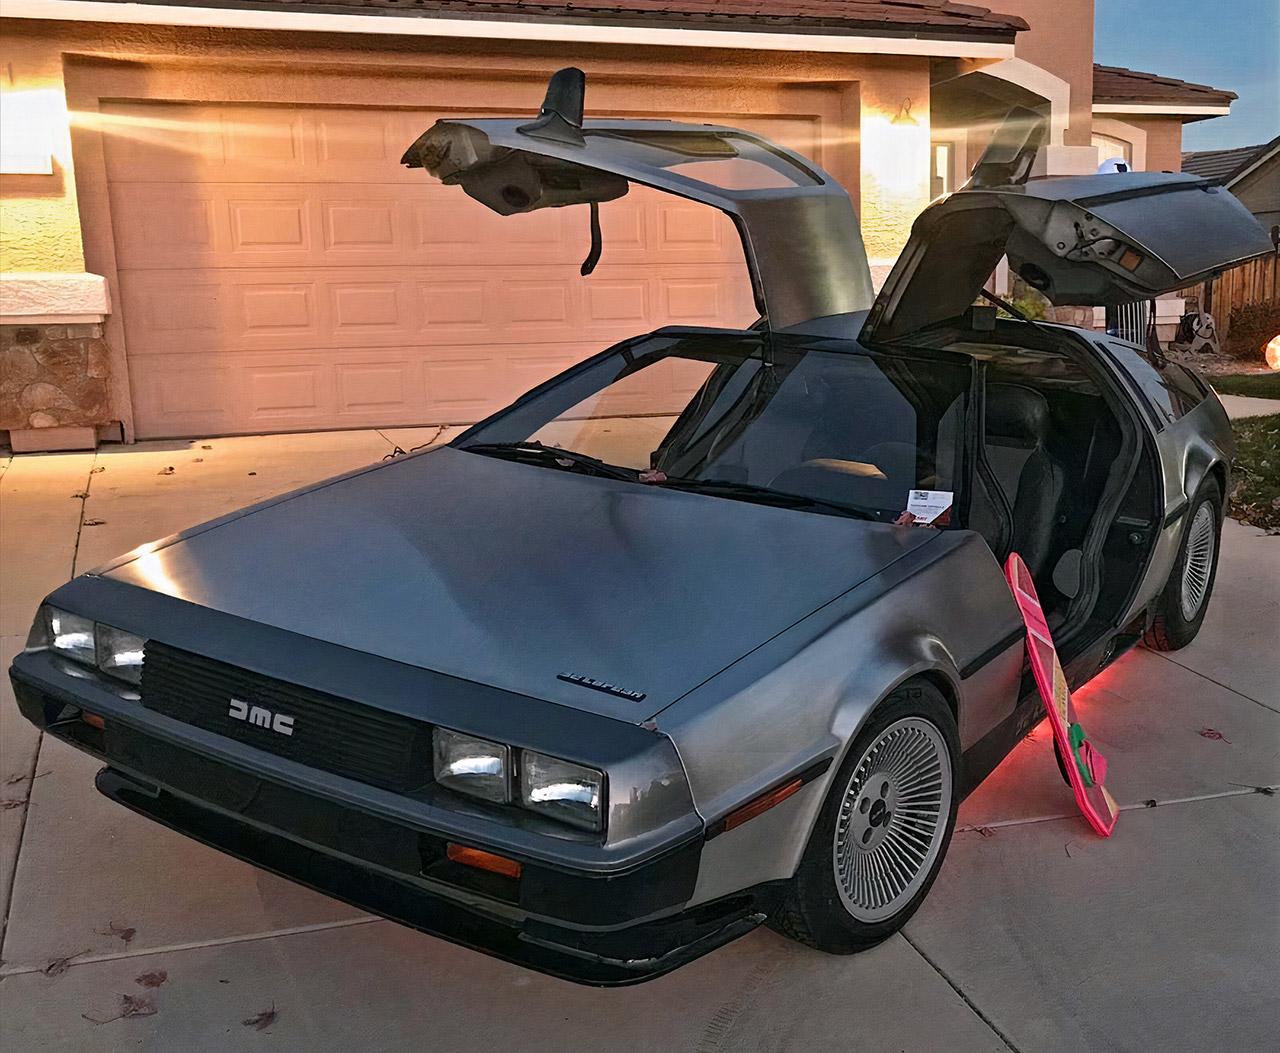 All-Electric DeLorean DMC-12